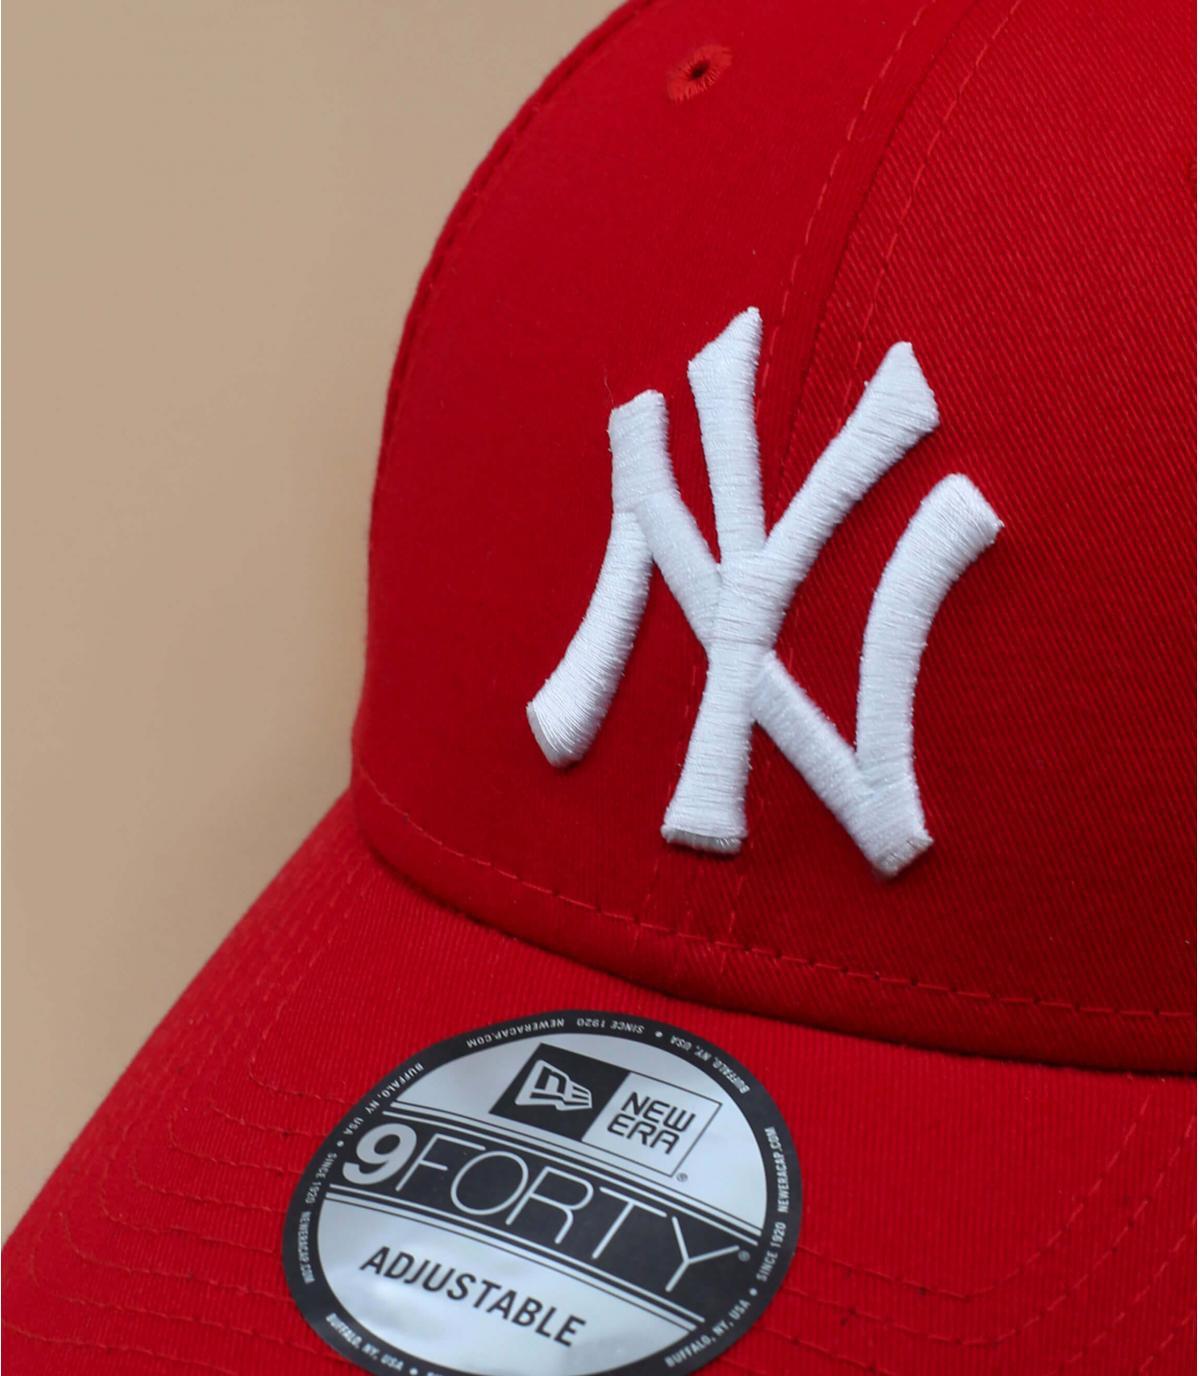 Details Trucker NY rood verstelbaar - afbeeling 4